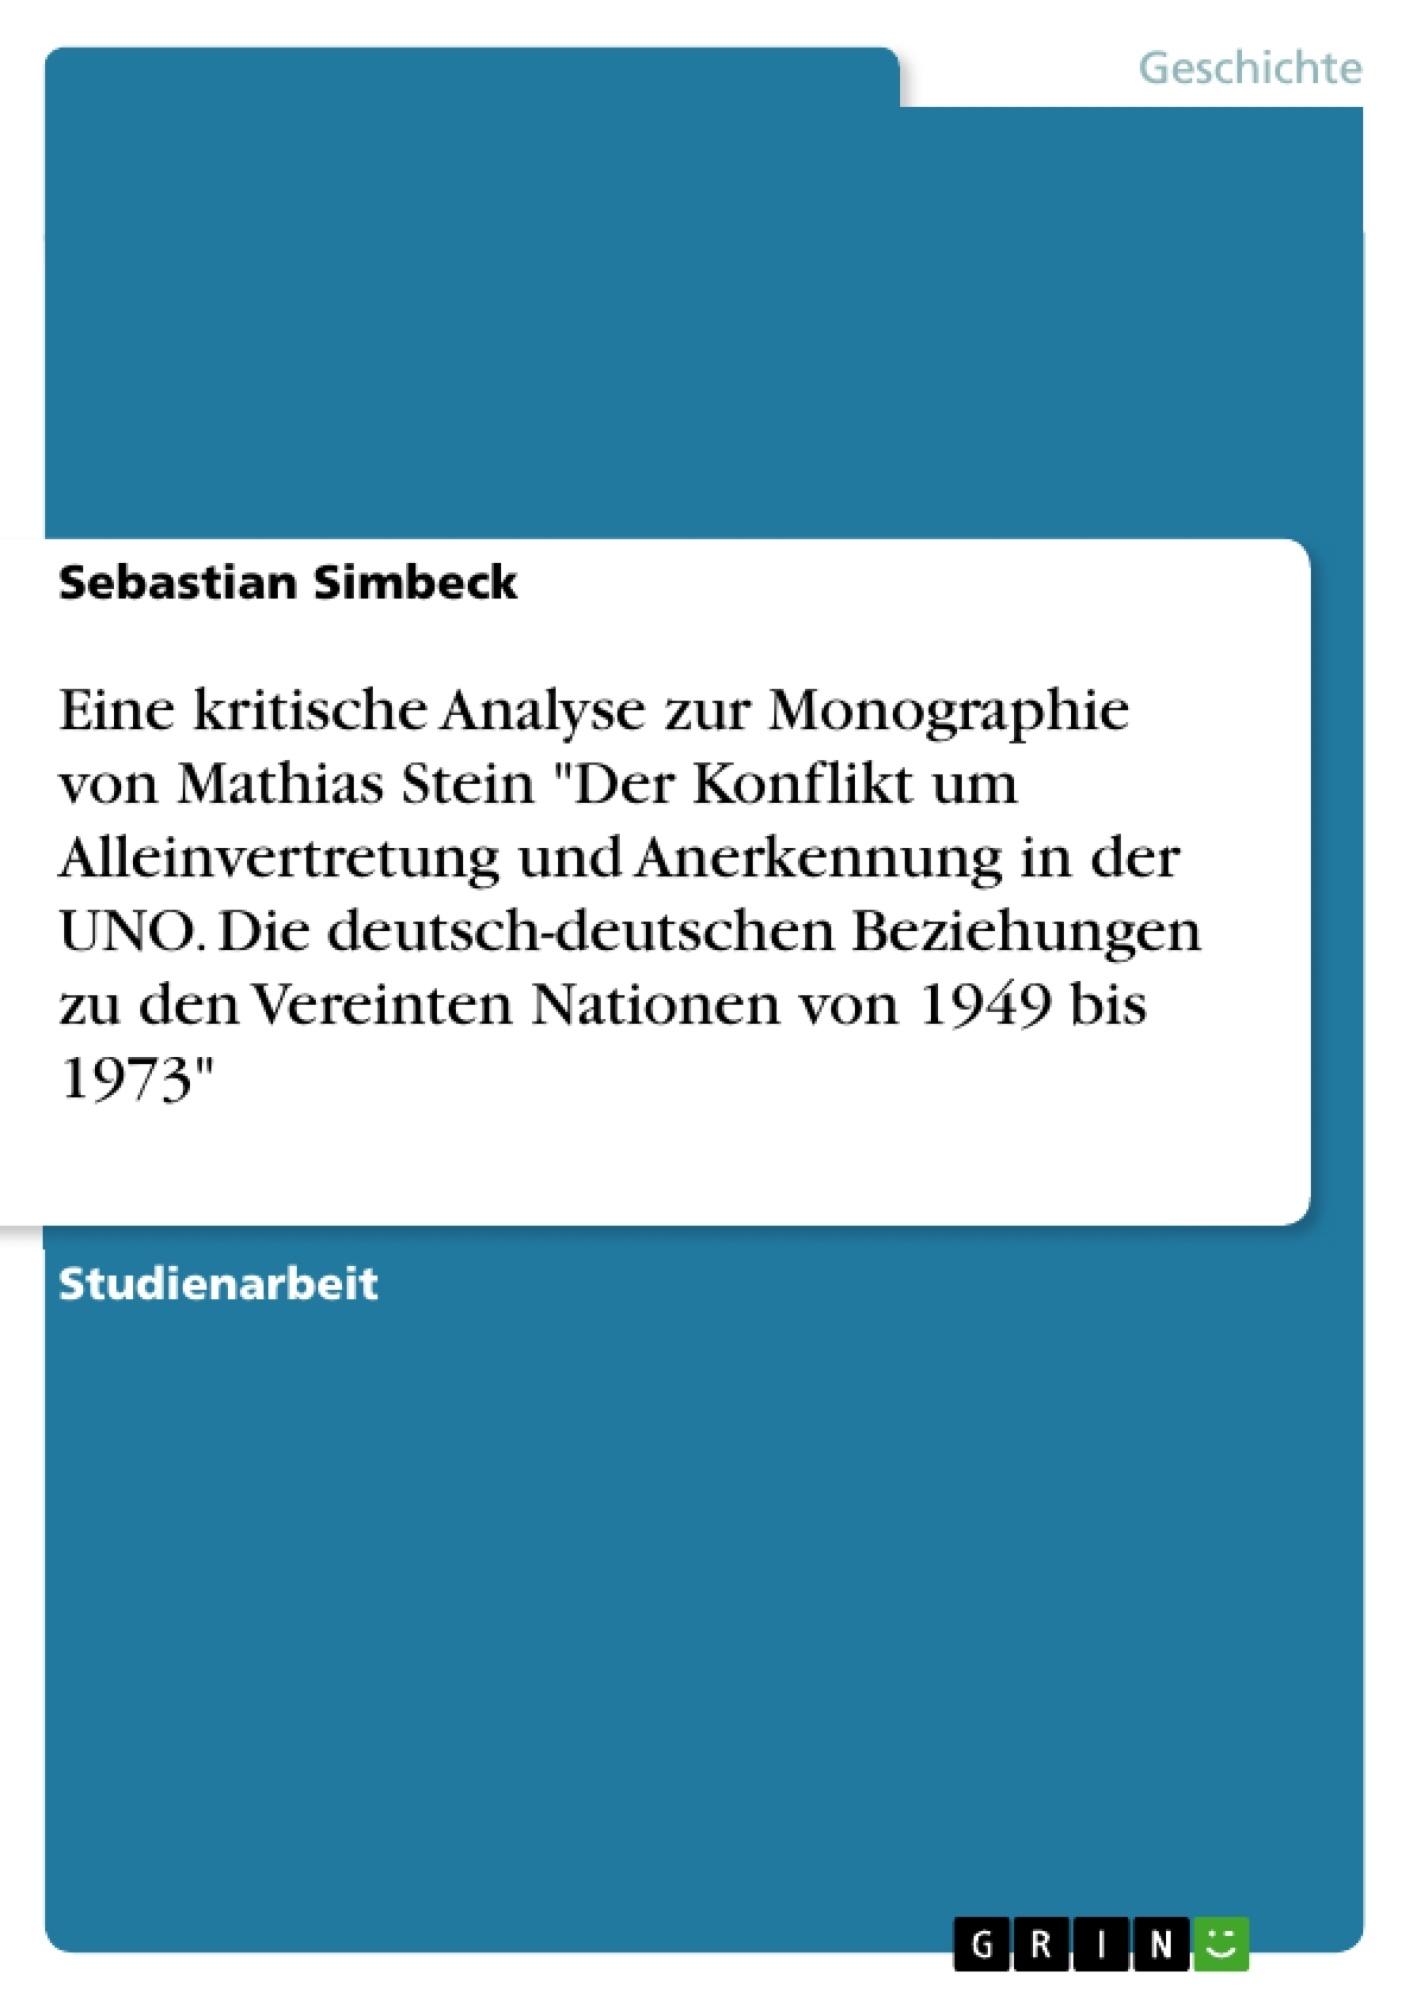 """Titel: Eine kritische Analyse zur Monographie von Mathias Stein """"Der Konflikt um Alleinvertretung und Anerkennung in der UNO. Die deutsch-deutschen Beziehungen zu den Vereinten Nationen von 1949 bis 1973"""""""